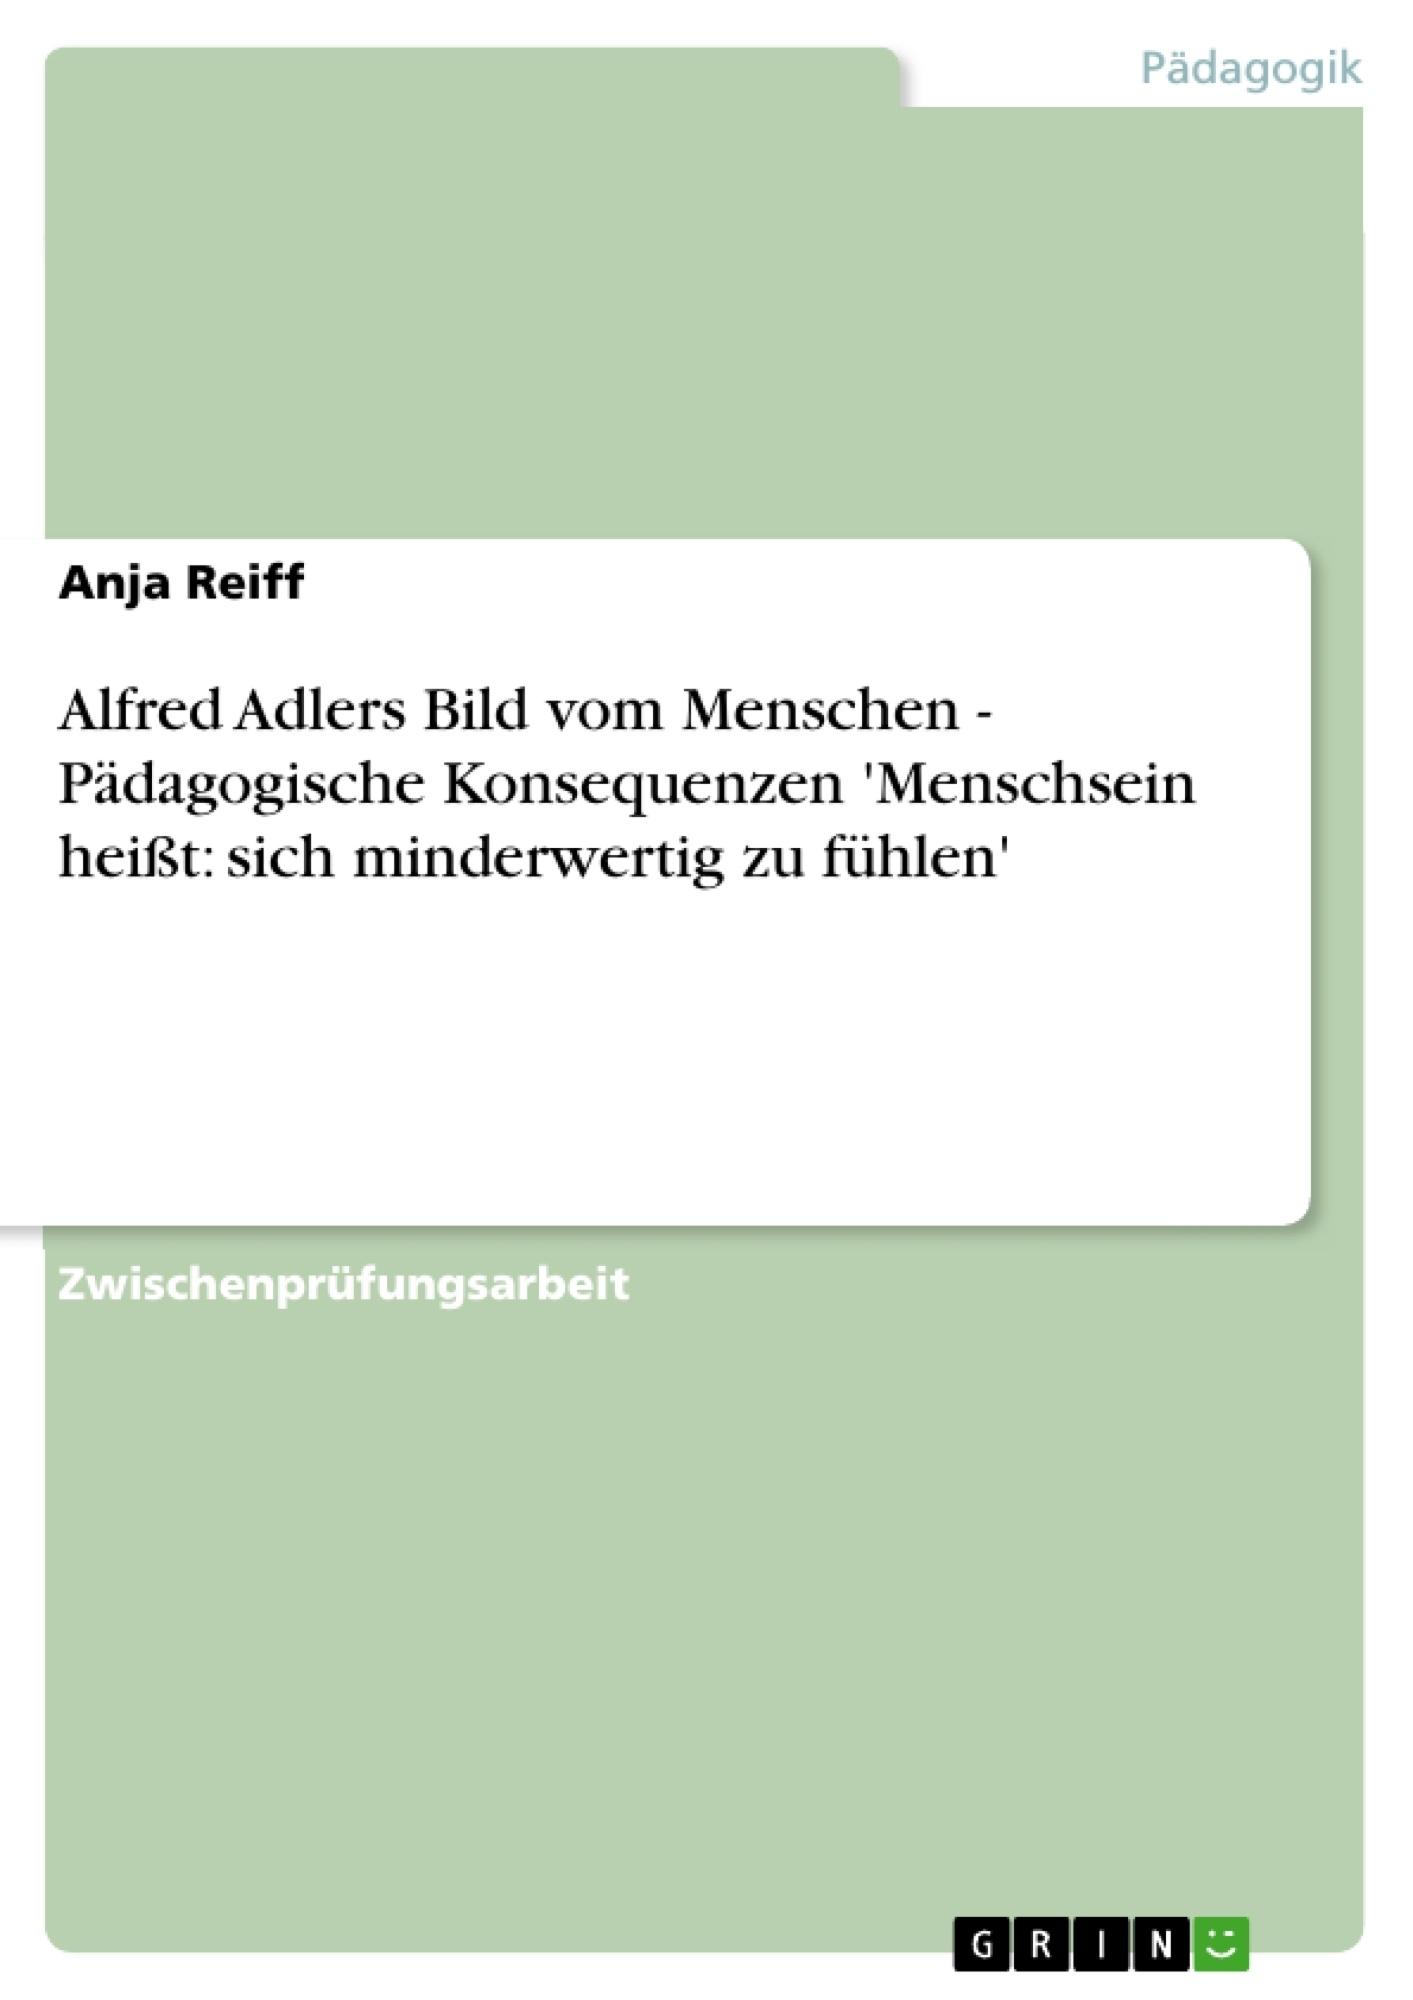 Titel: Alfred Adlers Bild vom Menschen - Pädagogische Konsequenzen 'Menschsein heißt: sich minderwertig zu fühlen'